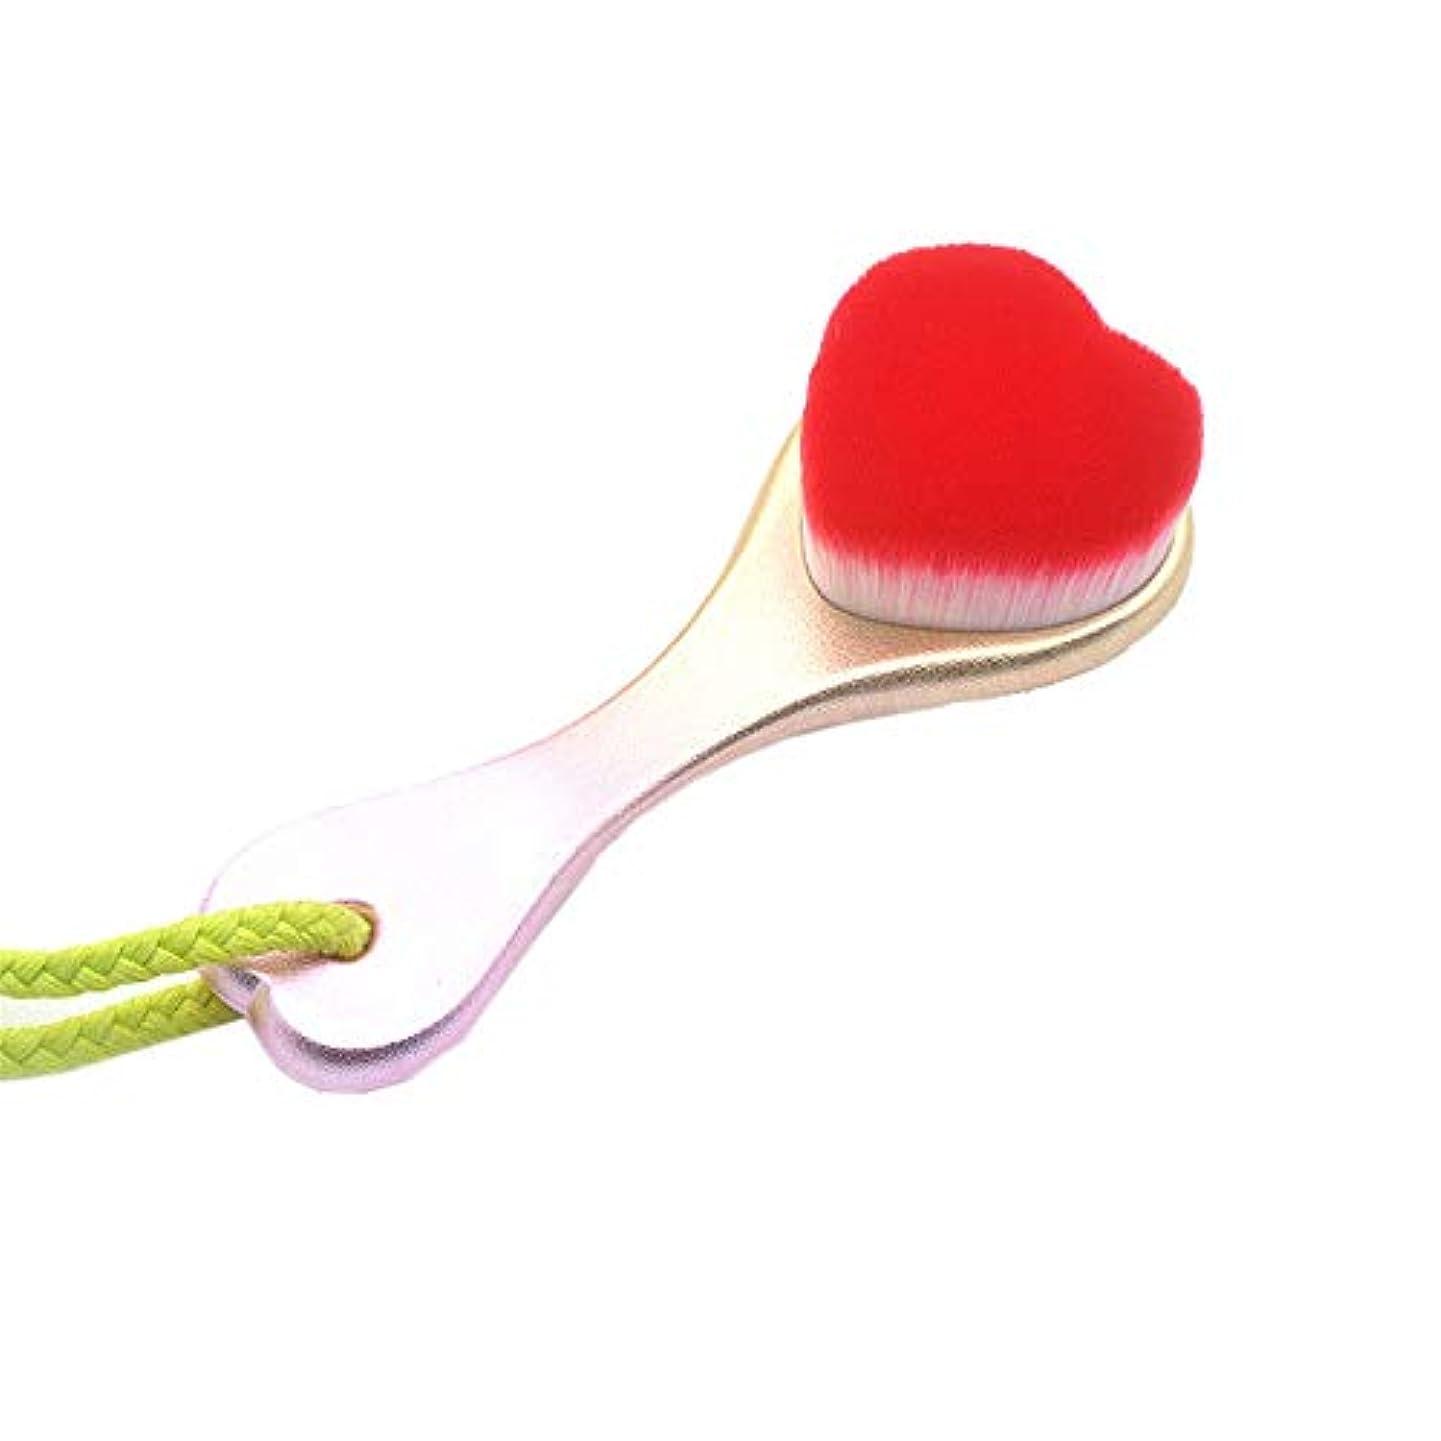 マラウイ気楽な協同洗顔ブラシ 女性の顔用クレンジングブラシ顔用角質除去ブラシスキンケアツールブラシ深い毛穴クレンジング ディープクレンジングスキンケア用